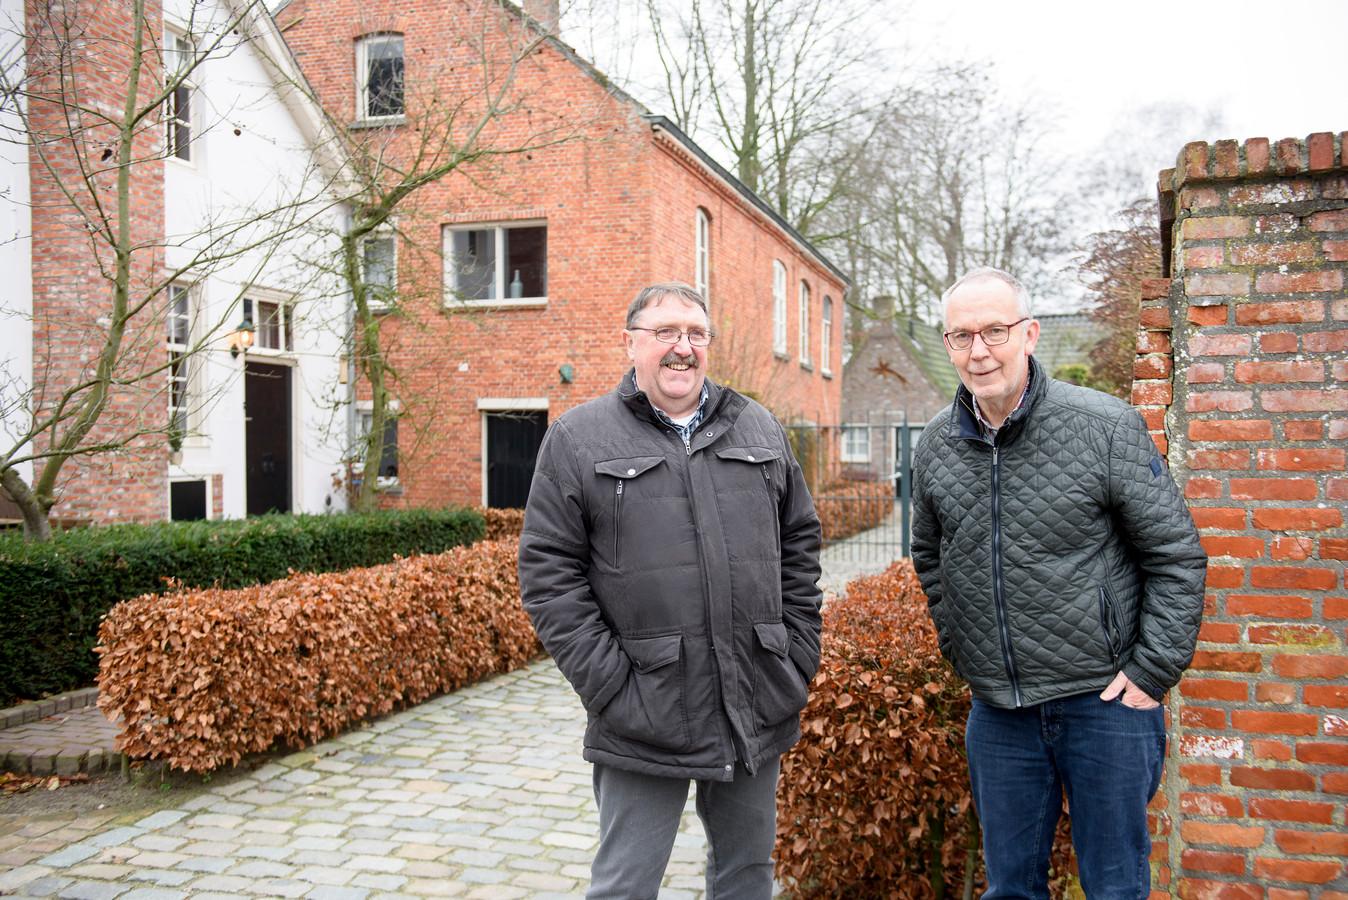 REUSEL - Martien Heesters (rechts) is bezig met een boek over de sigarenindustrie in de Kempen. Oud-collega Bouke den Ouden helpt mee met de vormgeving.